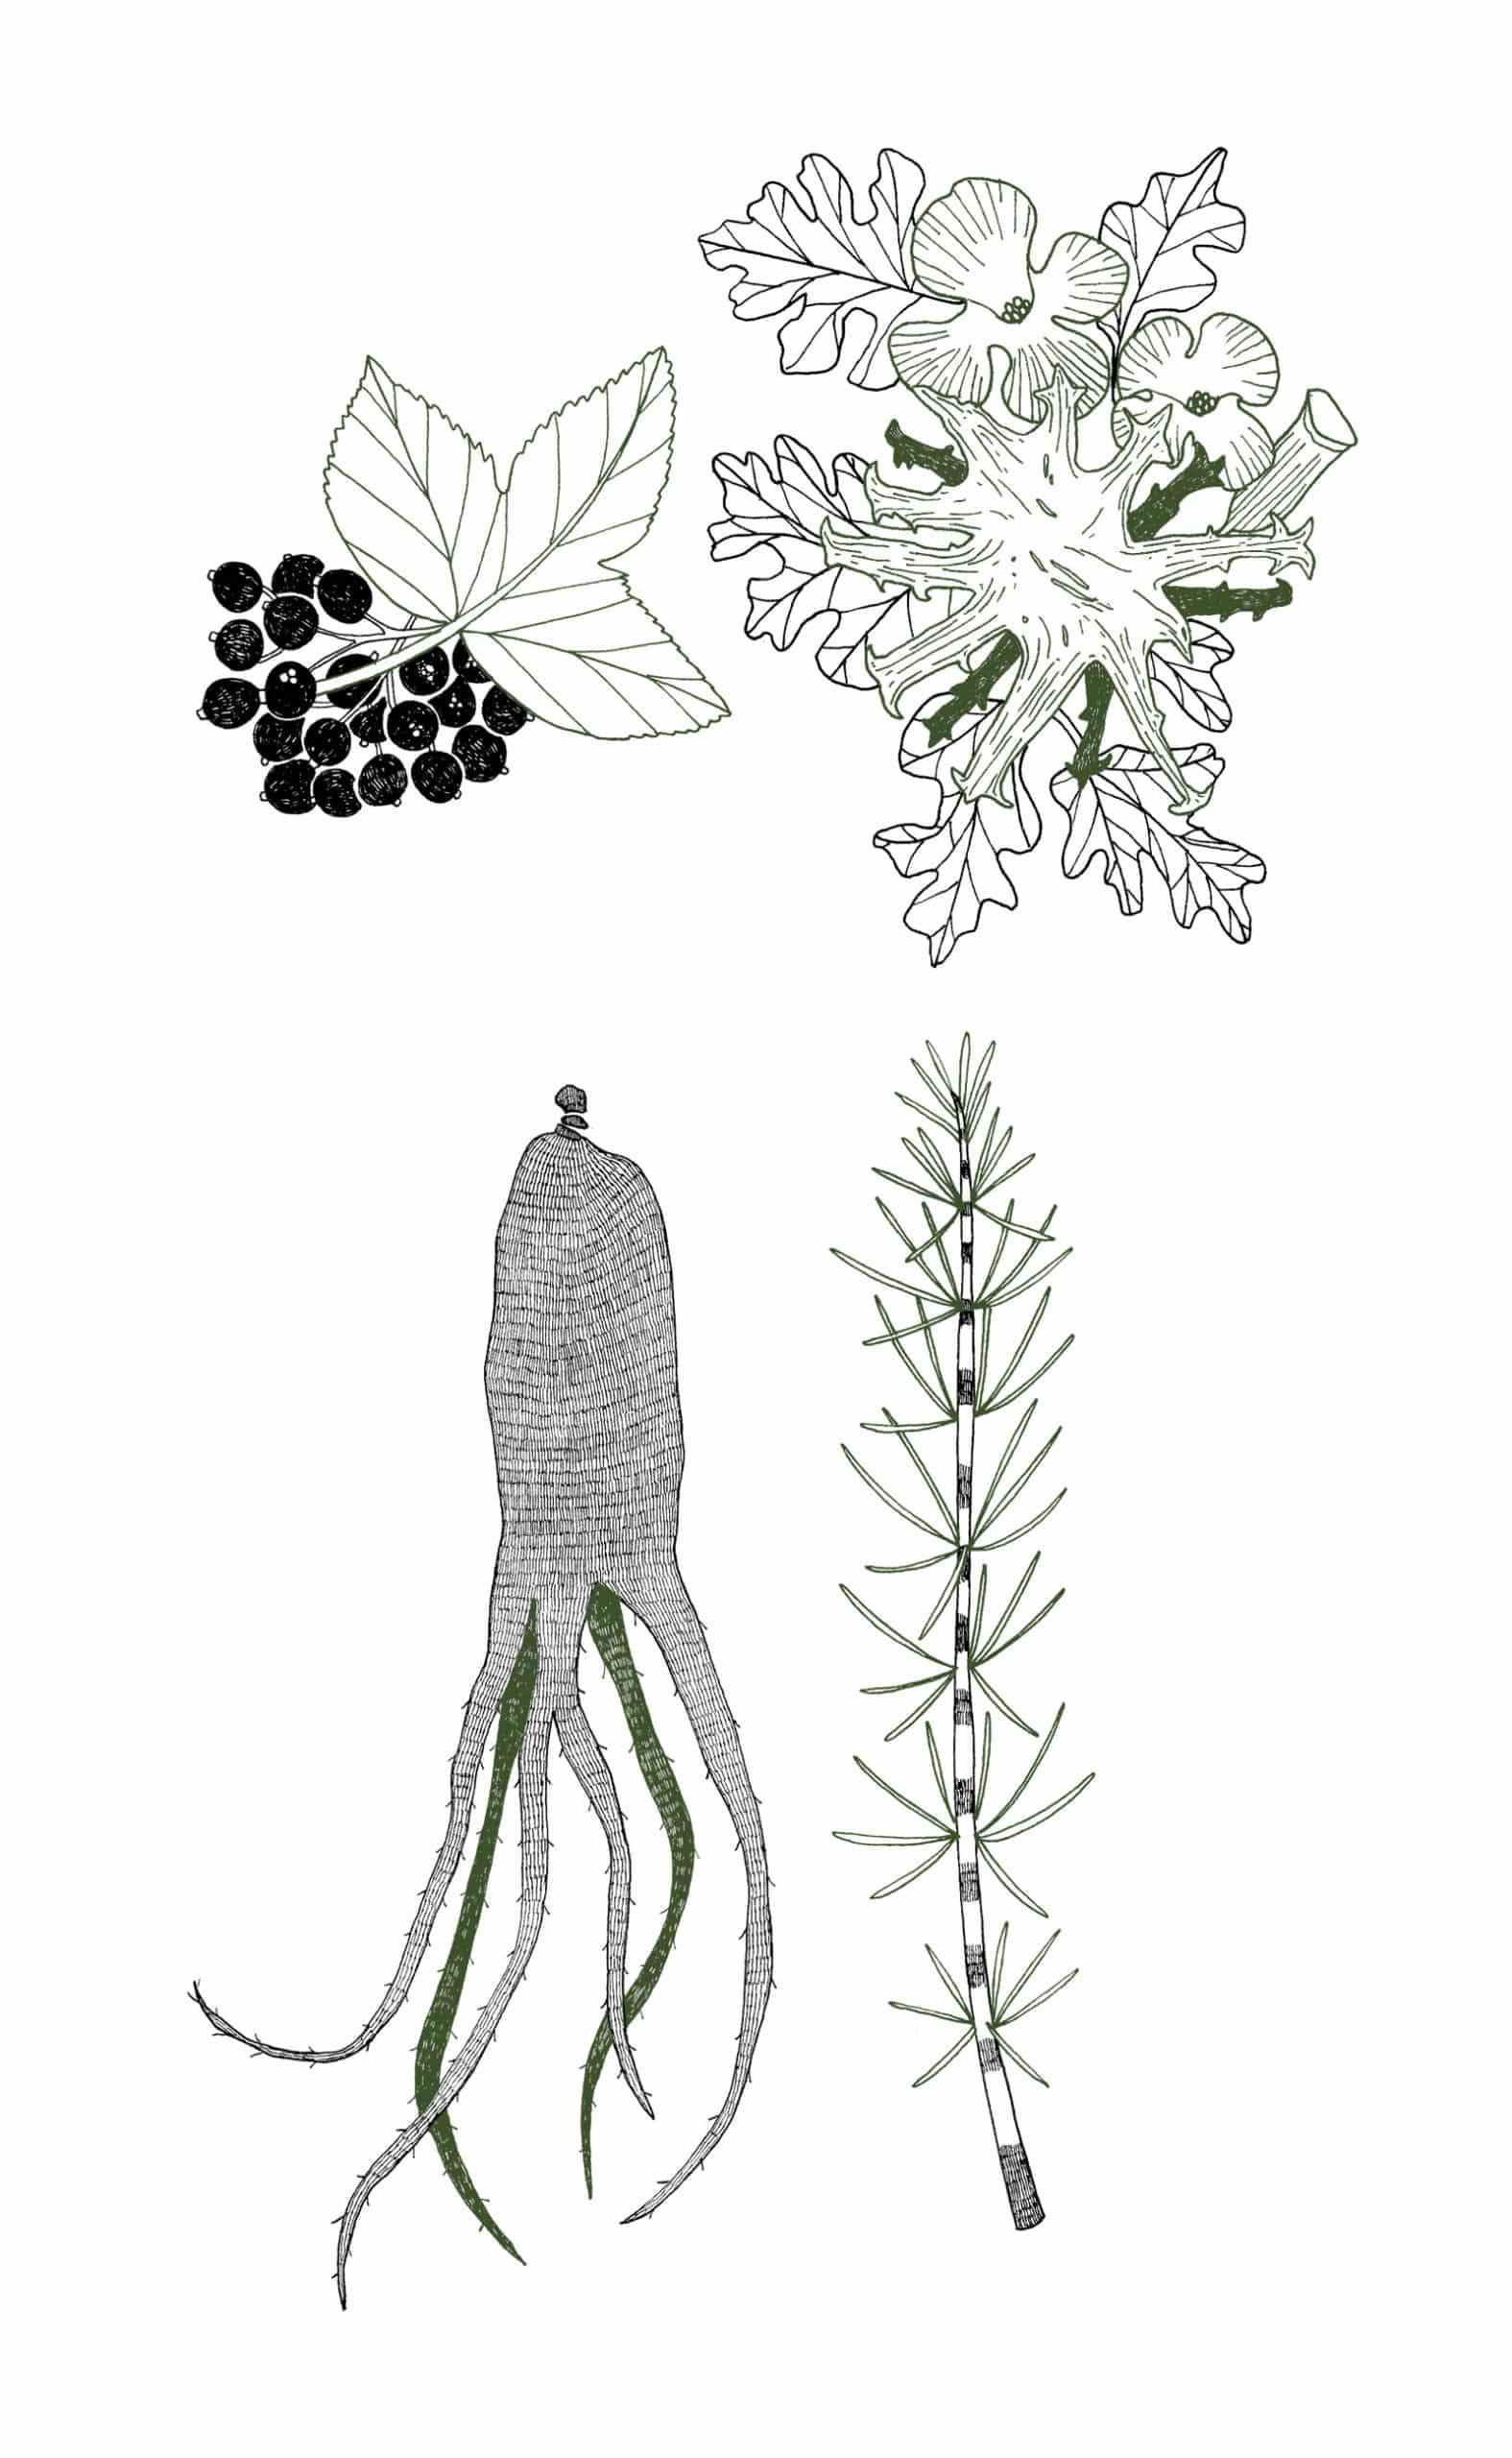 Illustrations des plantes (Ginseng Rouge, – Harpagophytum, Cassis et Prêle) contenues dans le complément alimentaire récupération. Version Mobile.